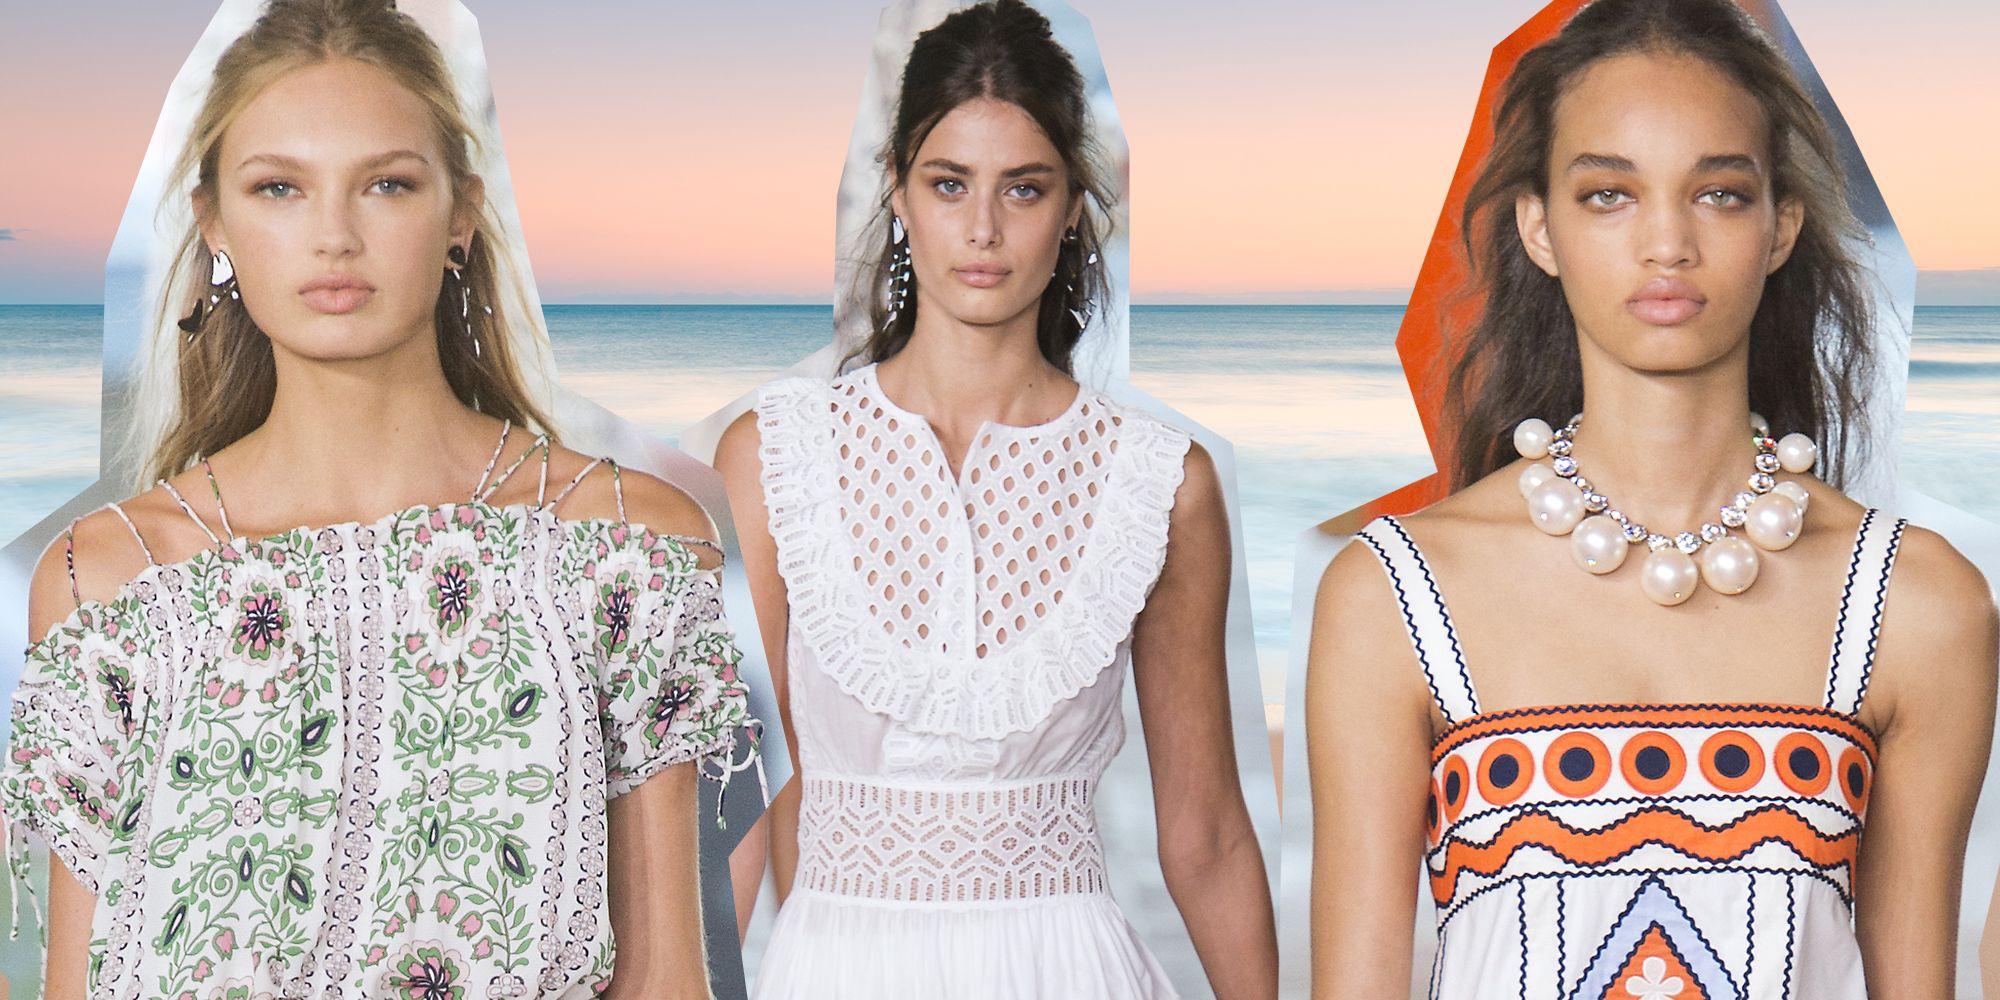 abiti 2017 da spiaggia mare moda estate lunghi 15 dpTxFfd